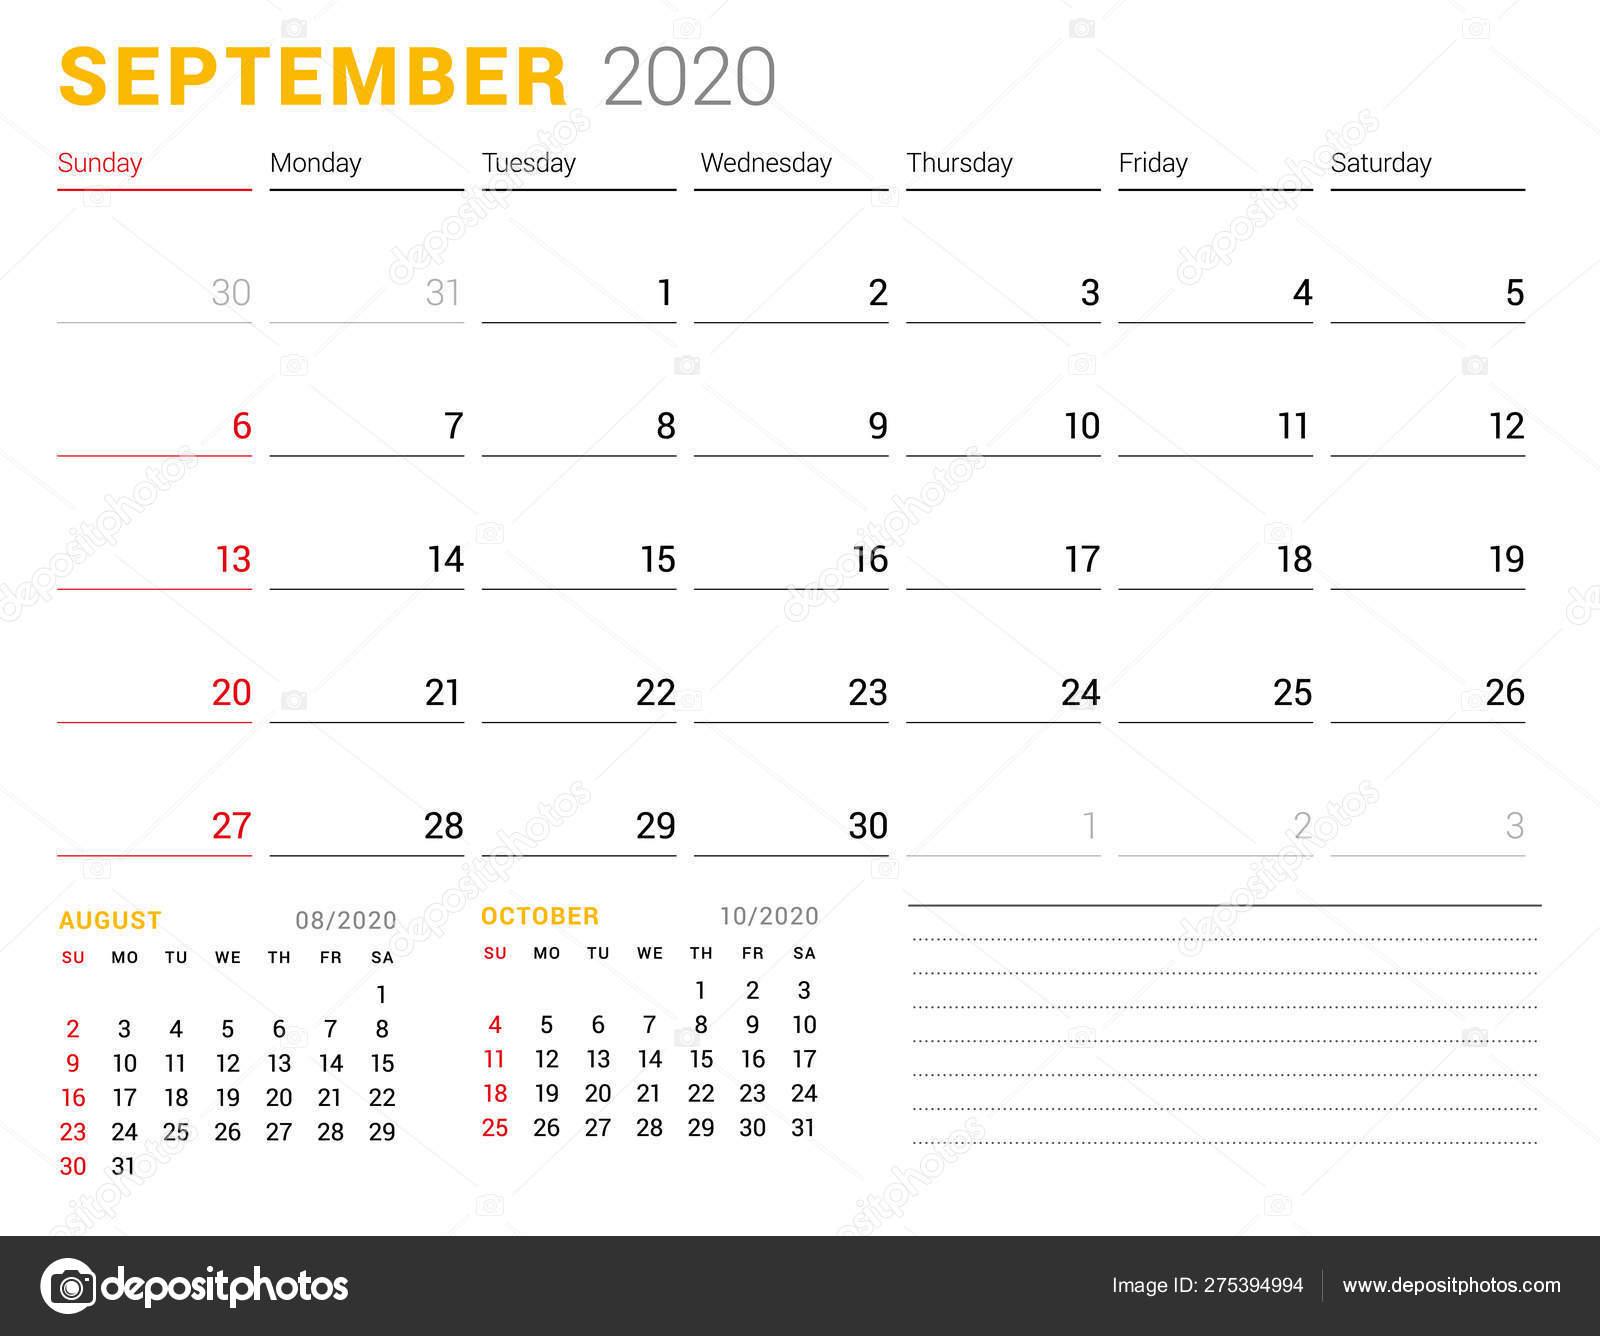 Calendar Template For September 2020. Business Planner. Stationery inside Blank Calendar 6 Weeks Start On Sunday